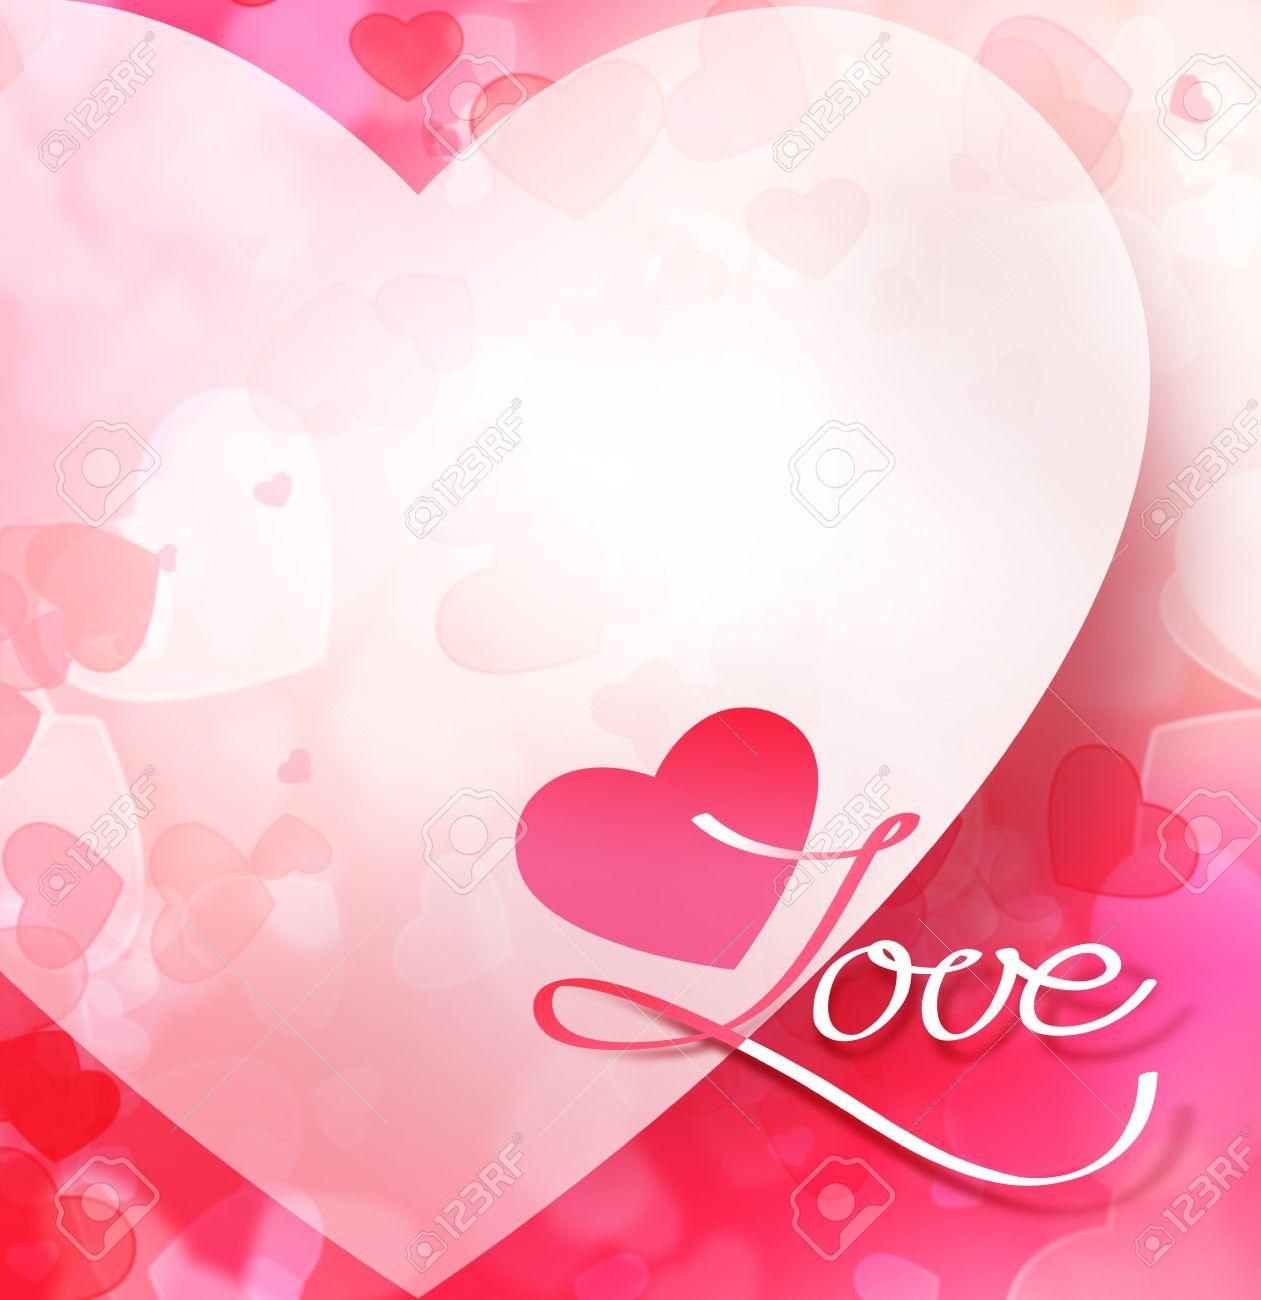 Resumen De San Valentín Con El Corazón De Color Rosa De Fondo ...